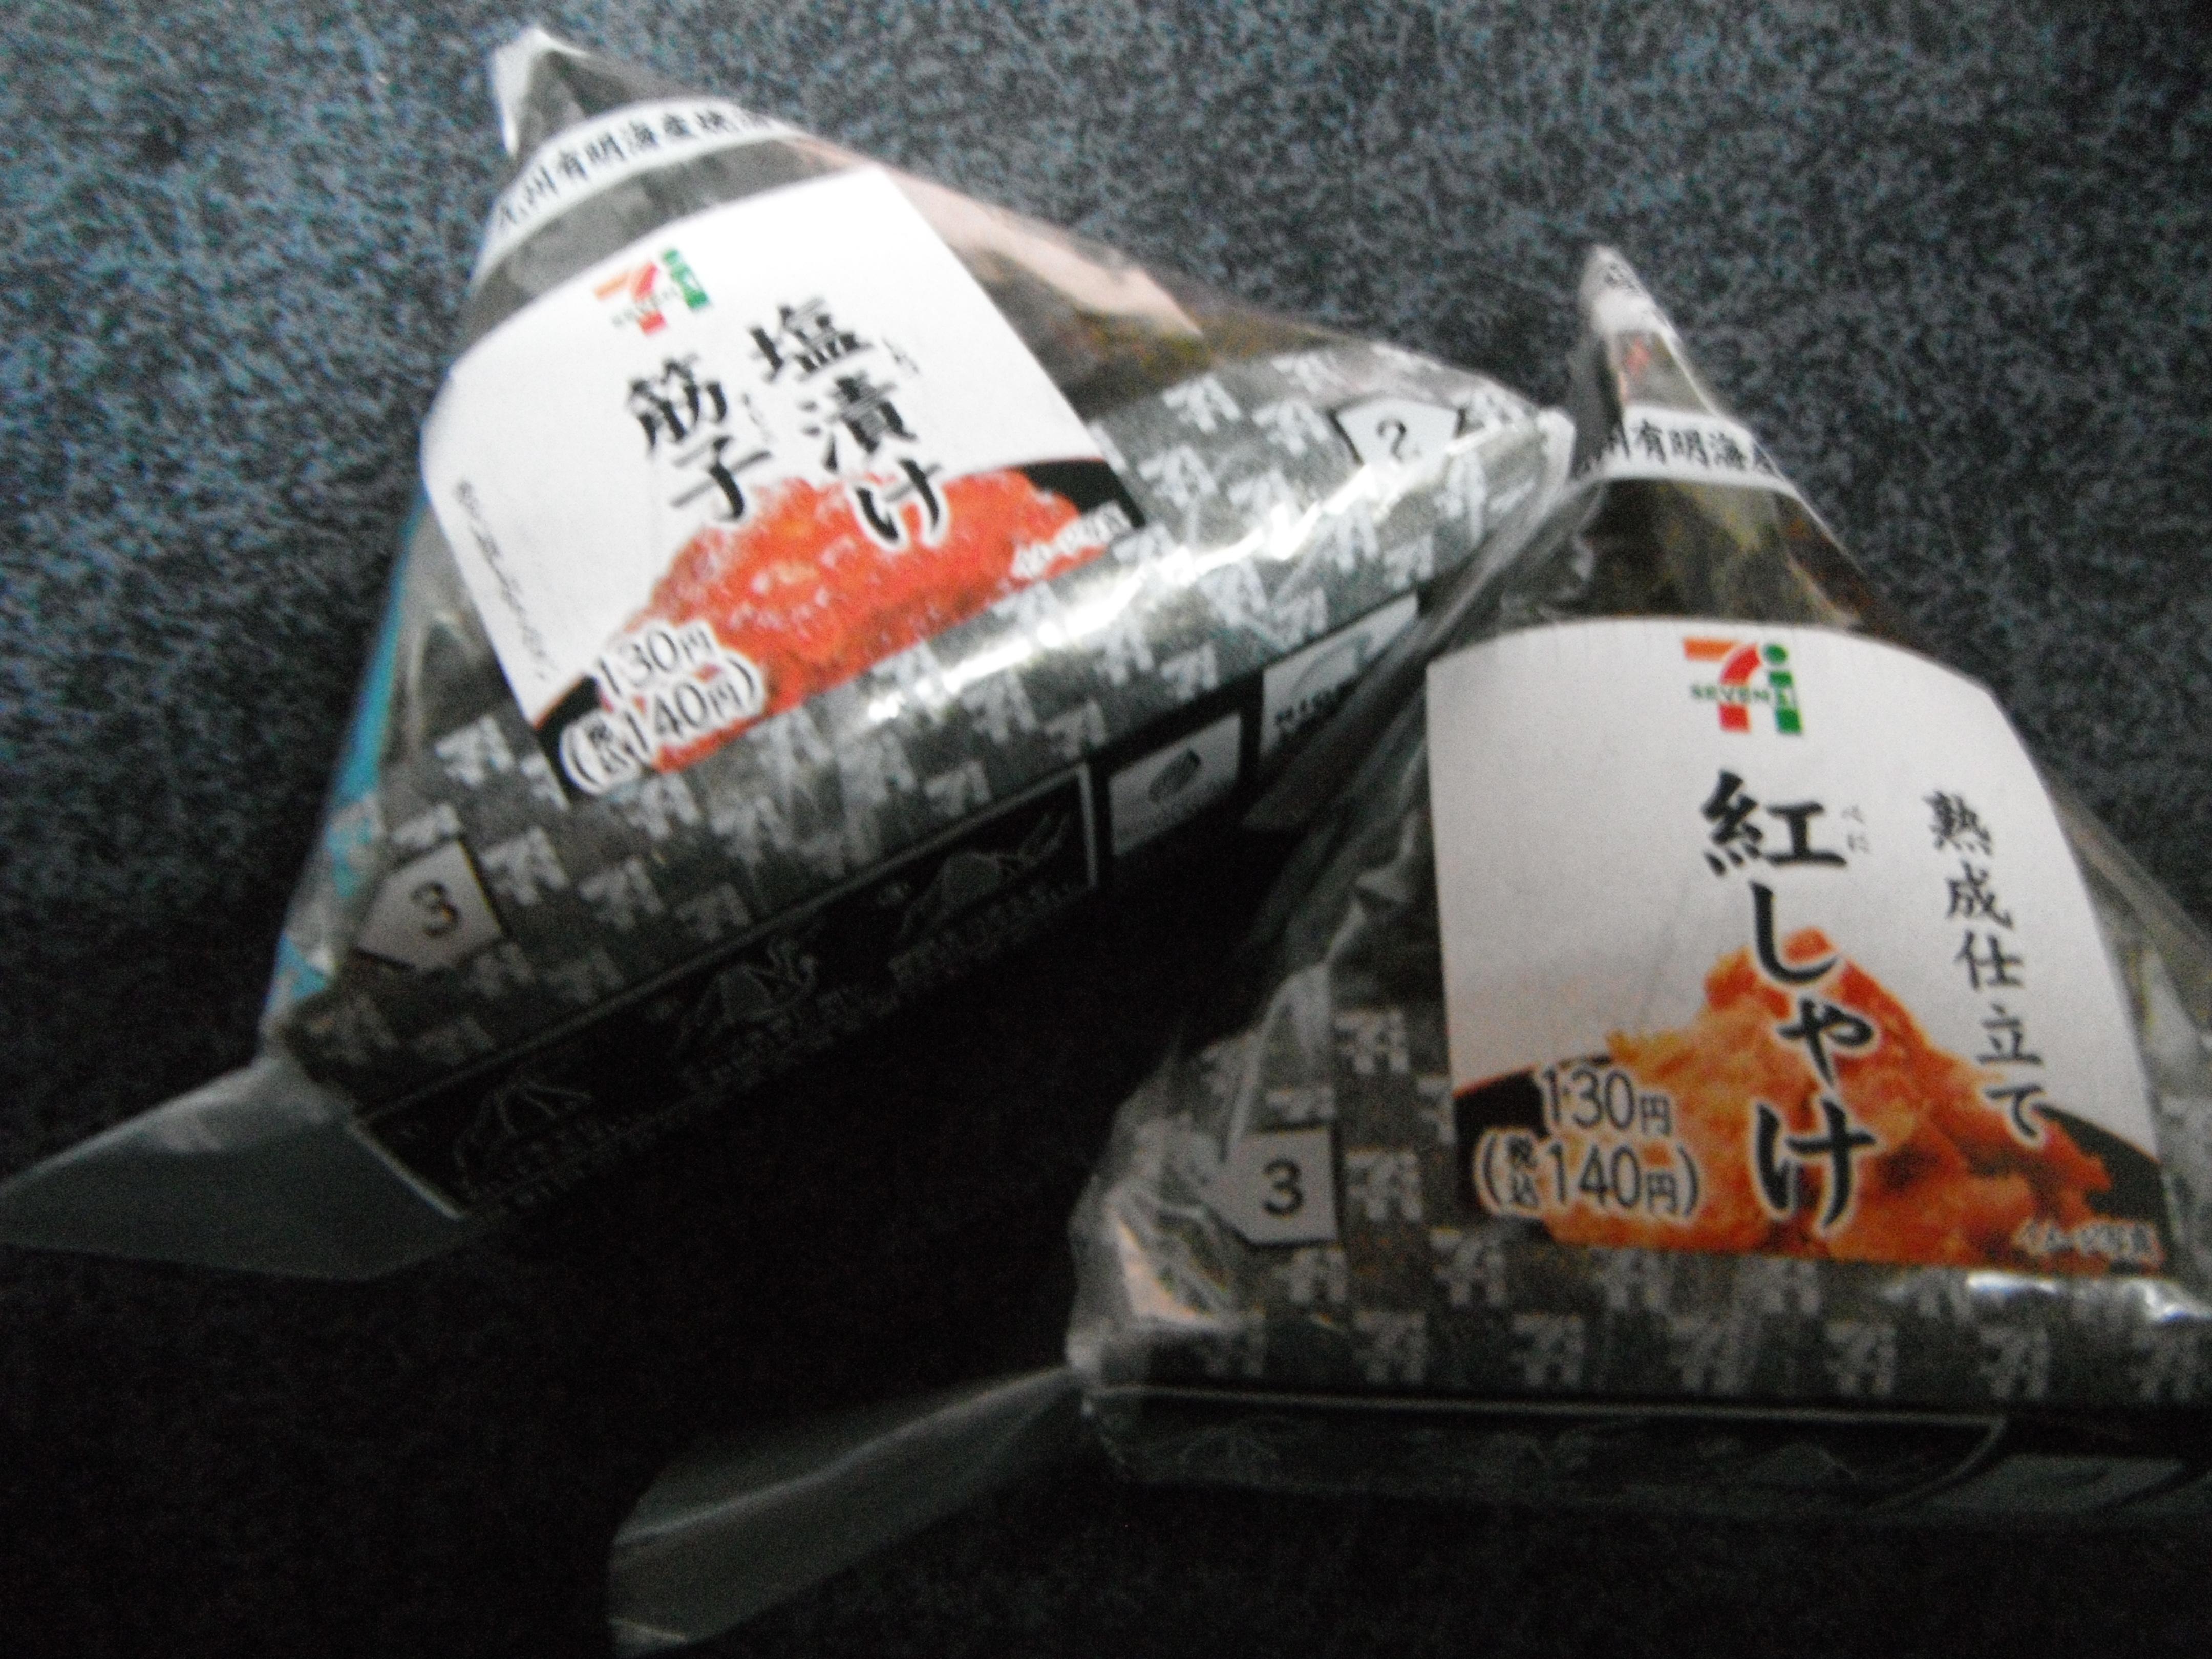 関東大雪で困る食材確保、東日本大震災を思い出しました。